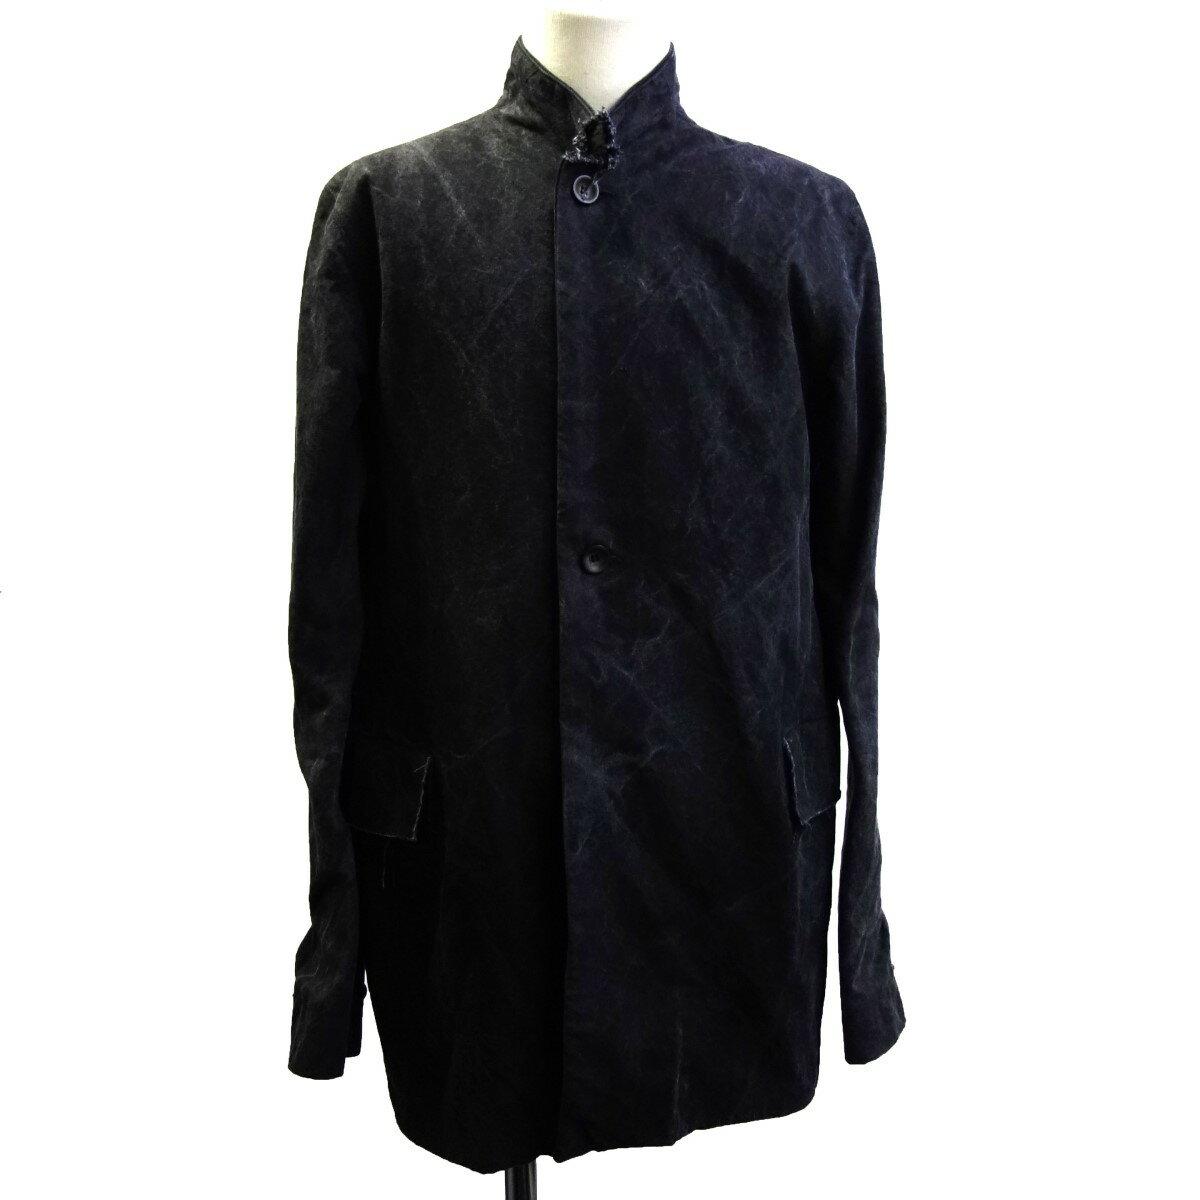 メンズファッション, コート・ジャケット PRPATTERSON 16AWJACKETY JACKET20 M 201020